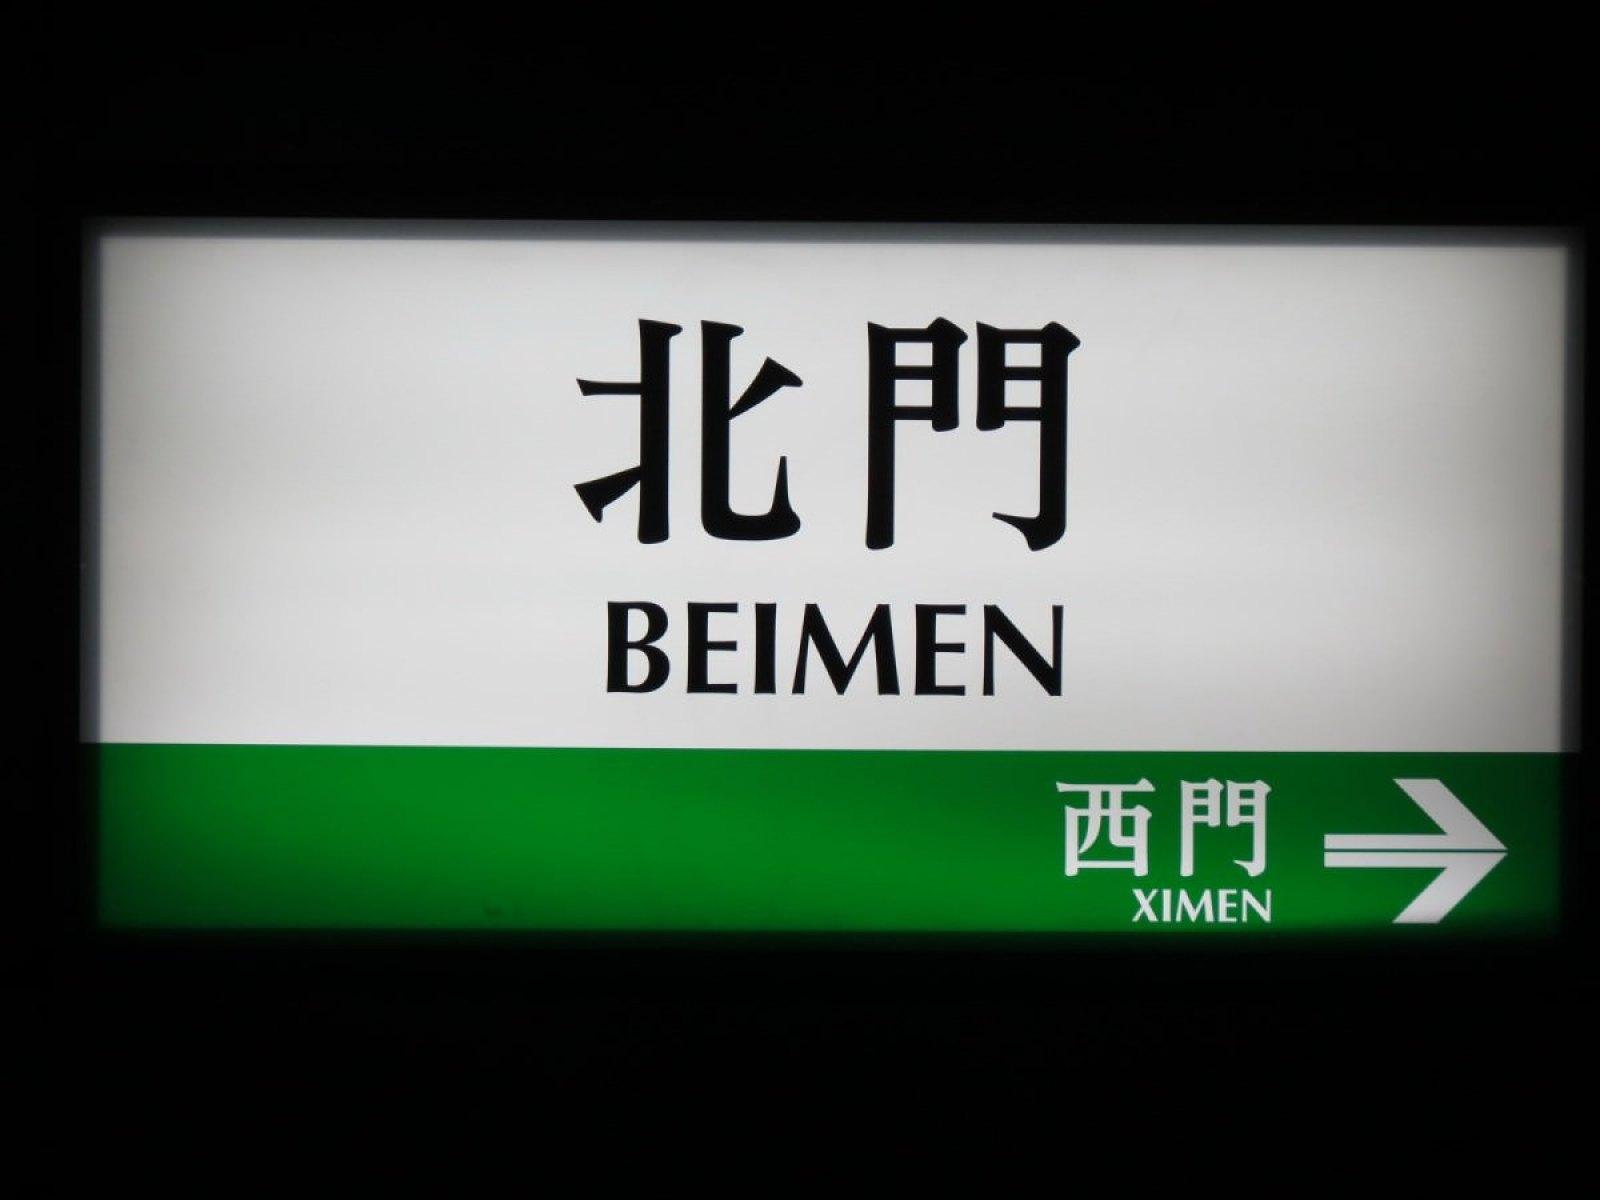 台北捷運, 綠線/松山線, 北門站, 站牌